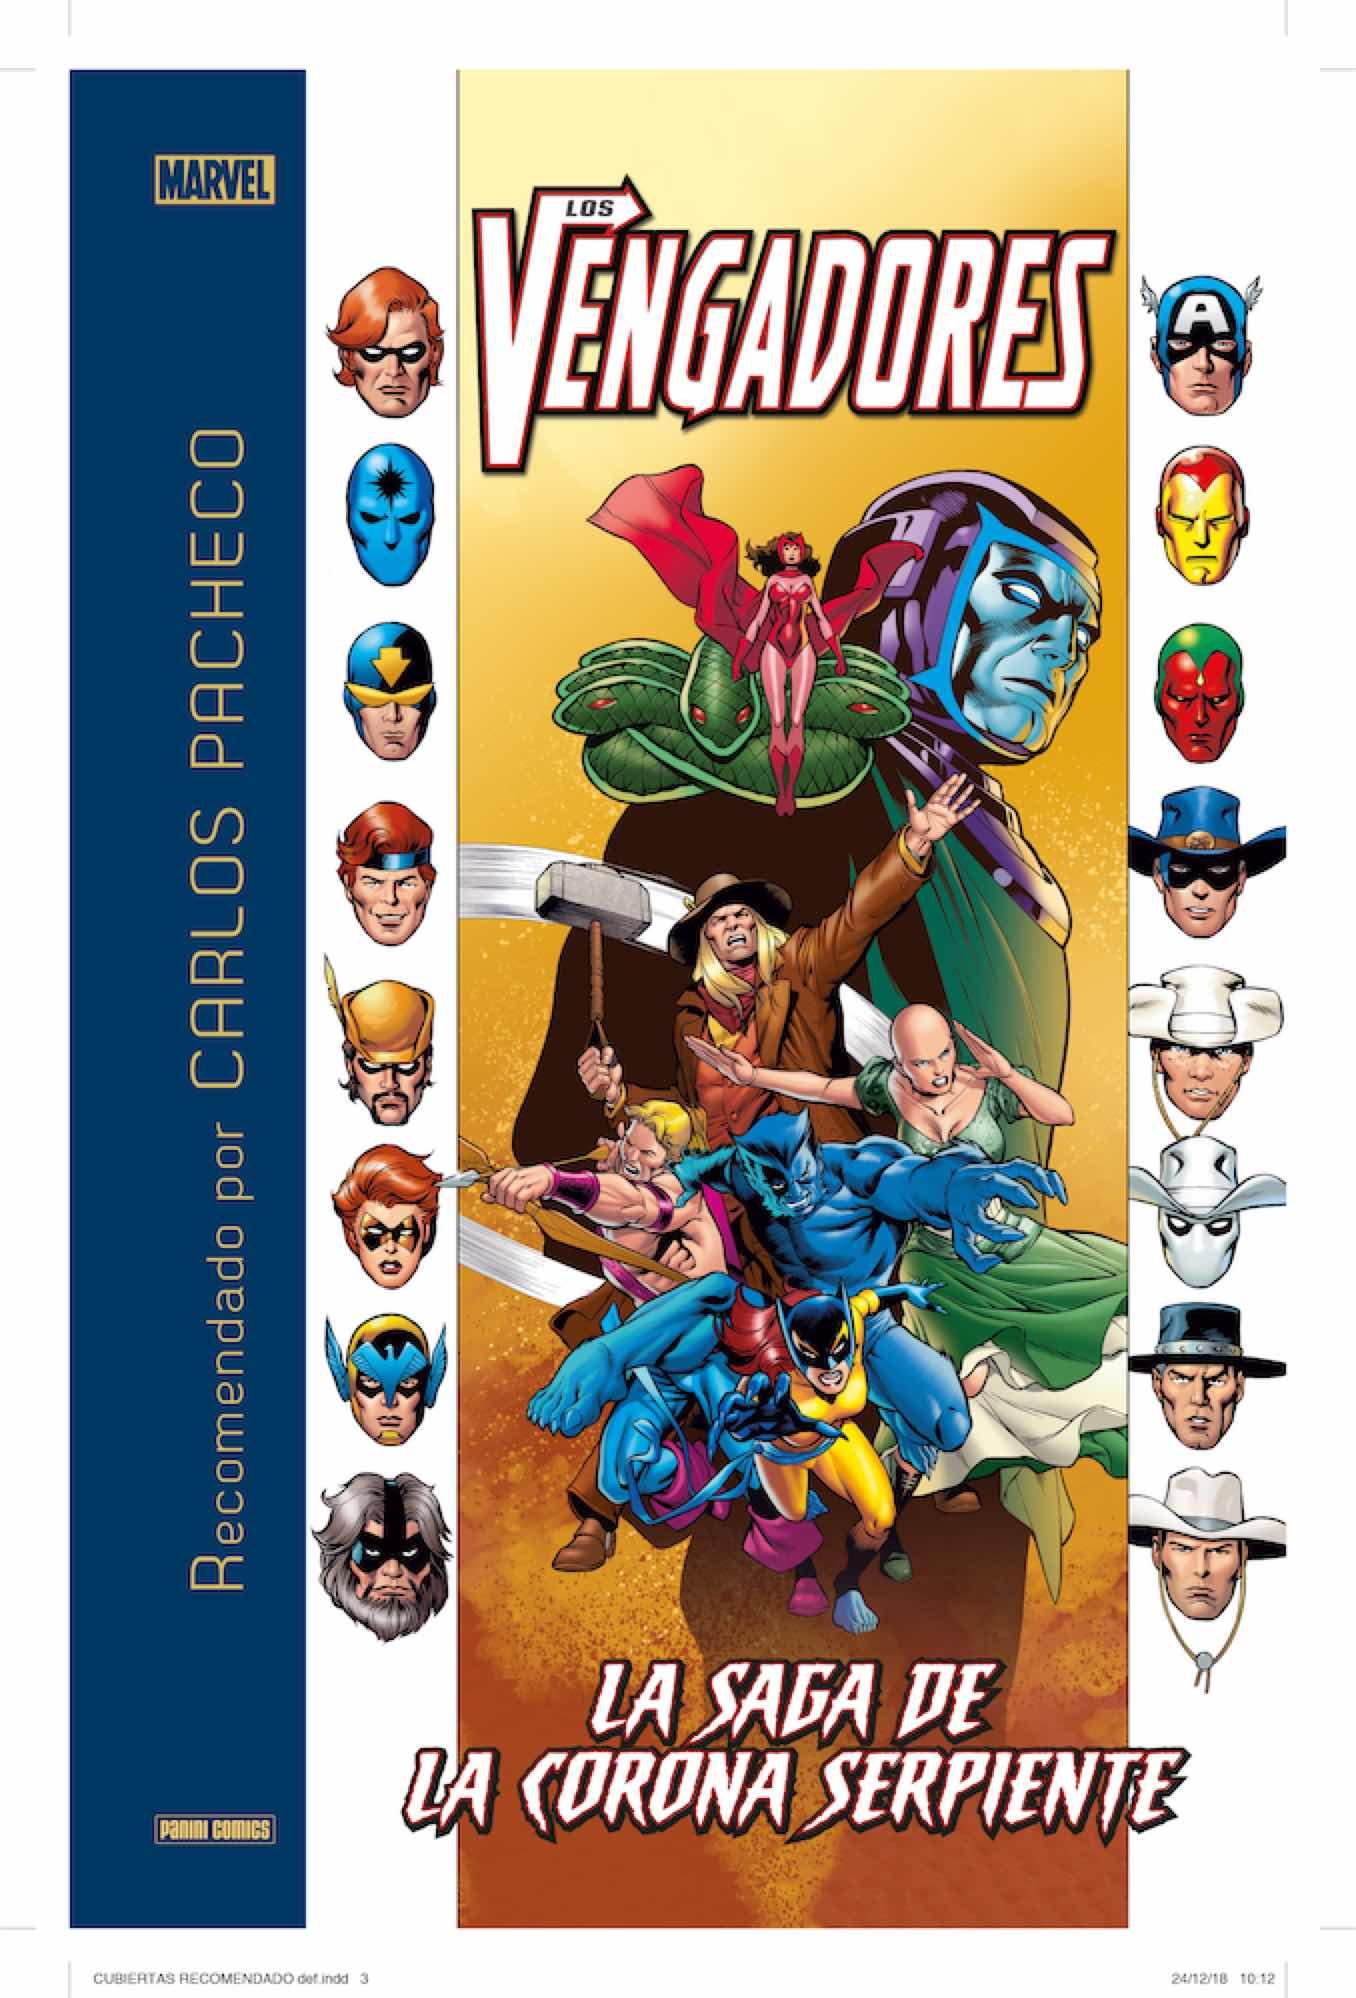 LOS VENGADORES: LA SAGA DE LA CORONA SERPIENTE (RECOMENDADO POR CARLOS PACHECO)